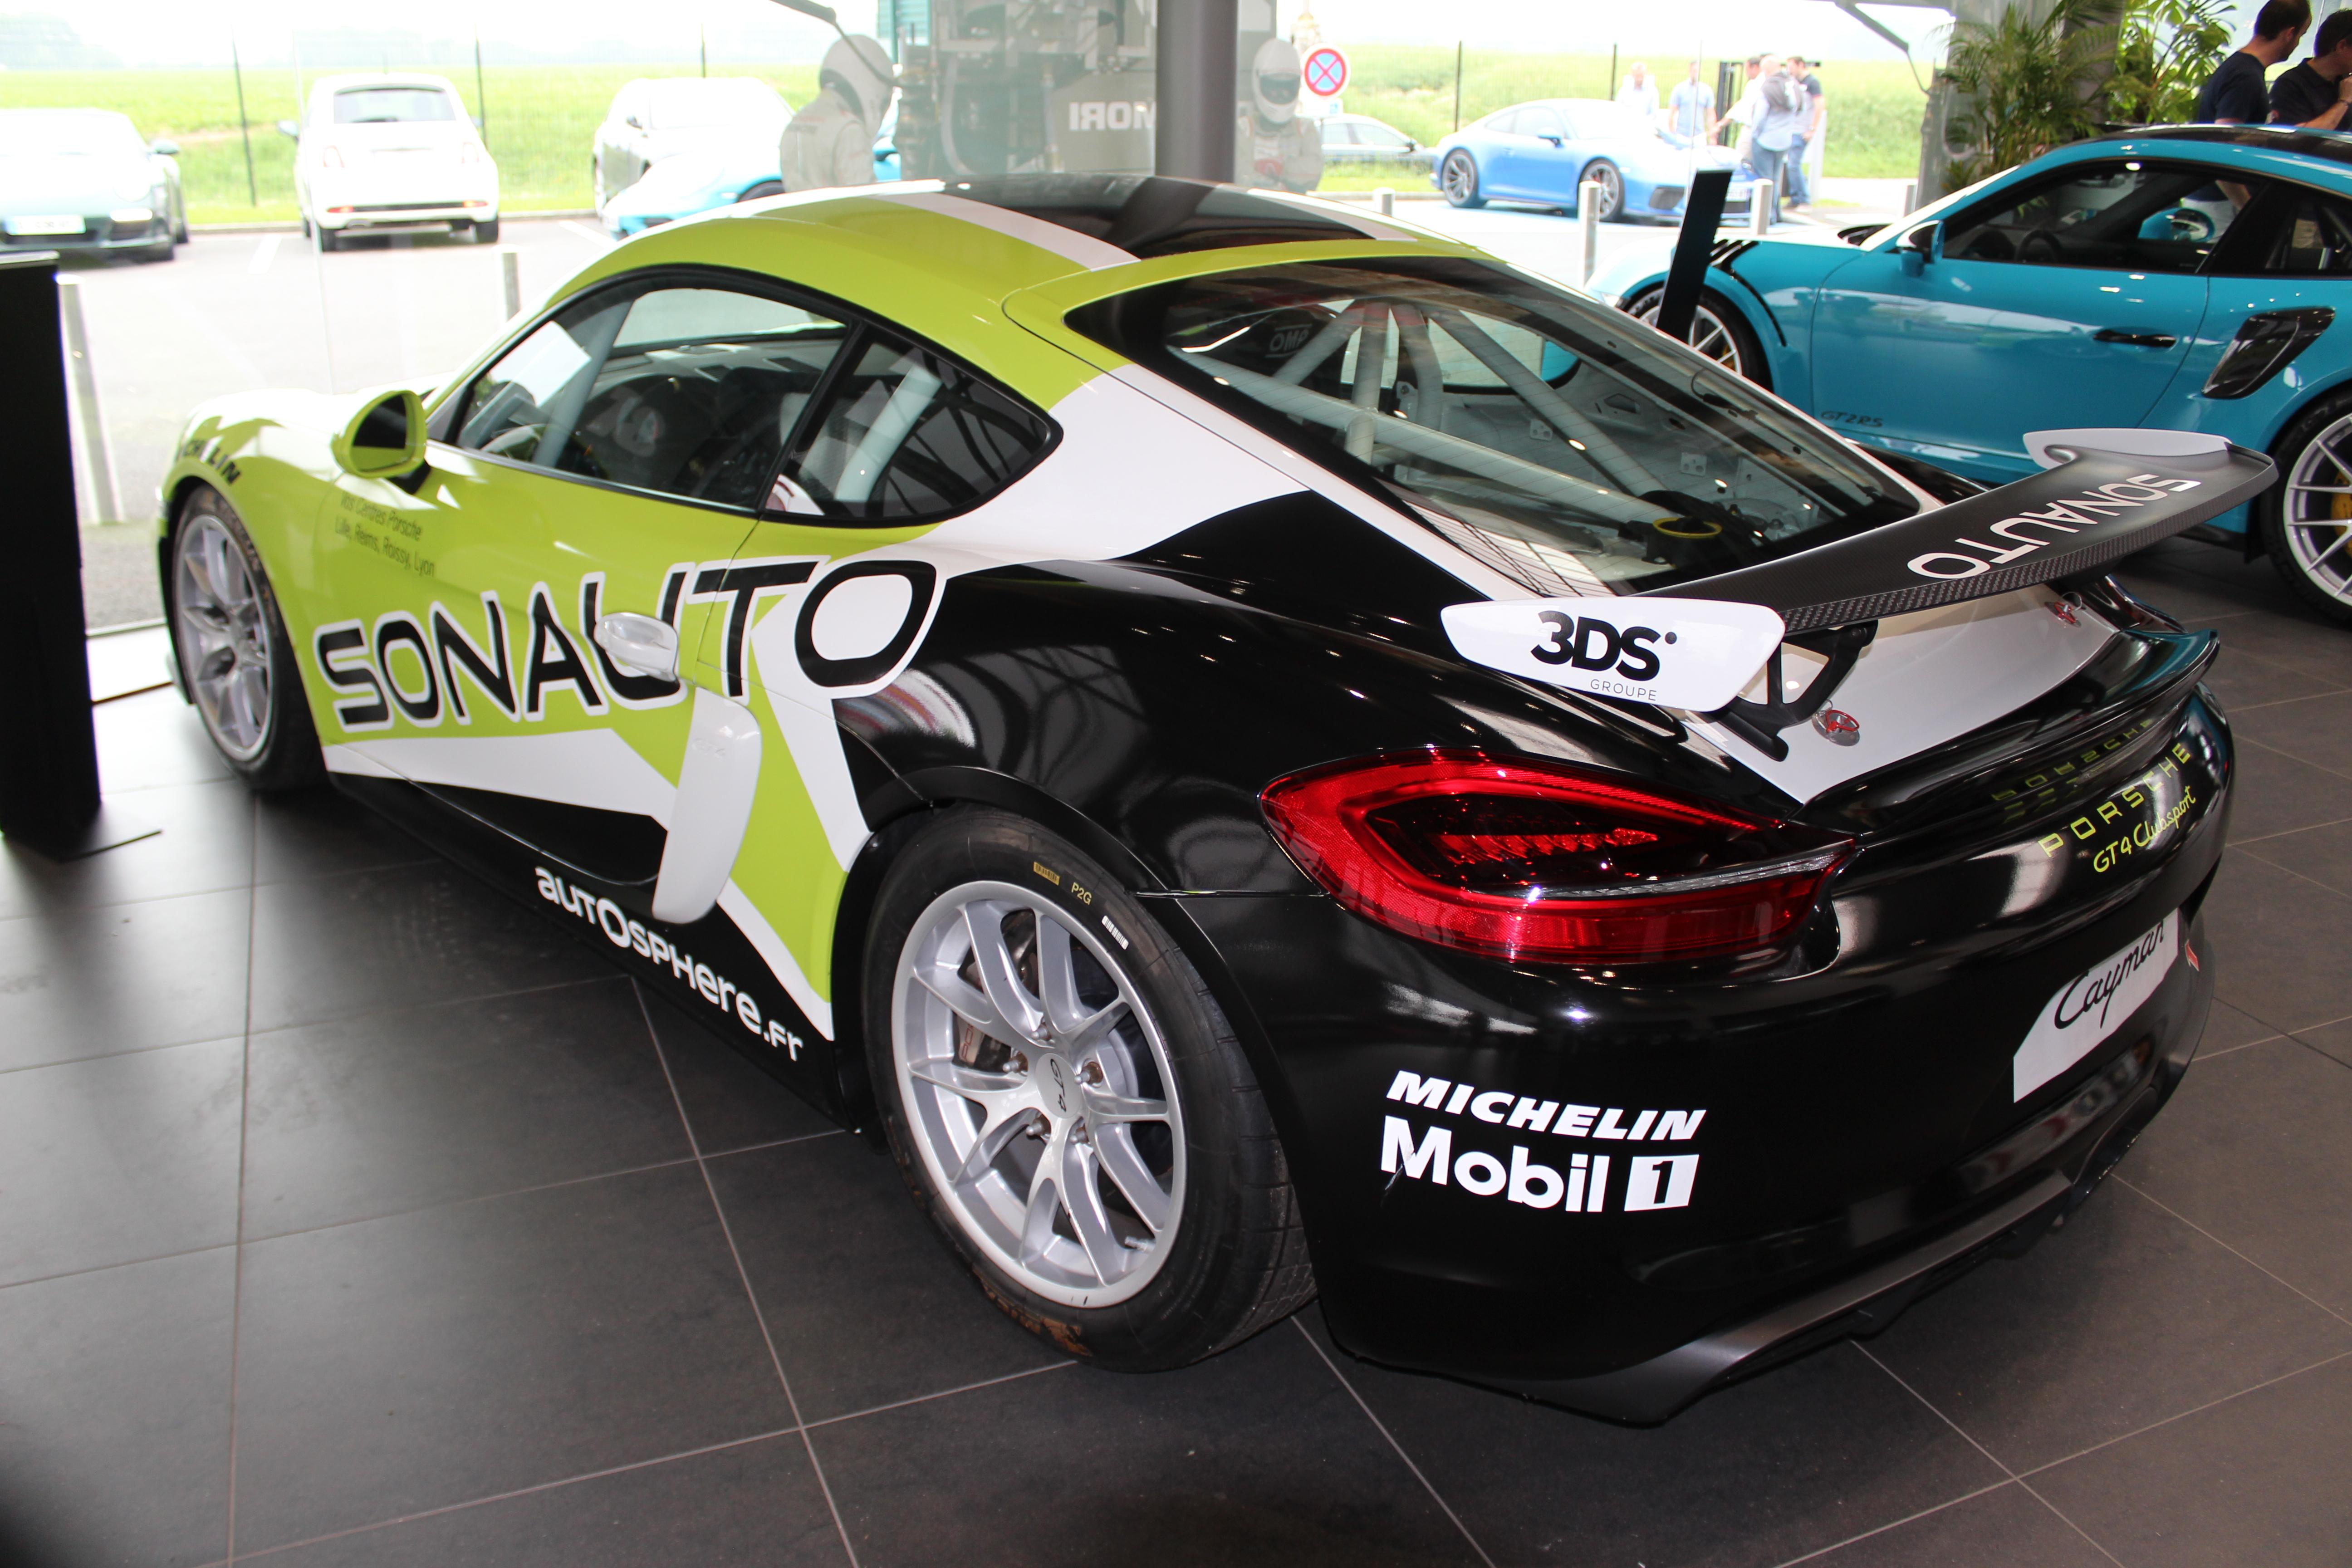 70 Ans Centre Porsche ROISSY Sonauto Img_6617